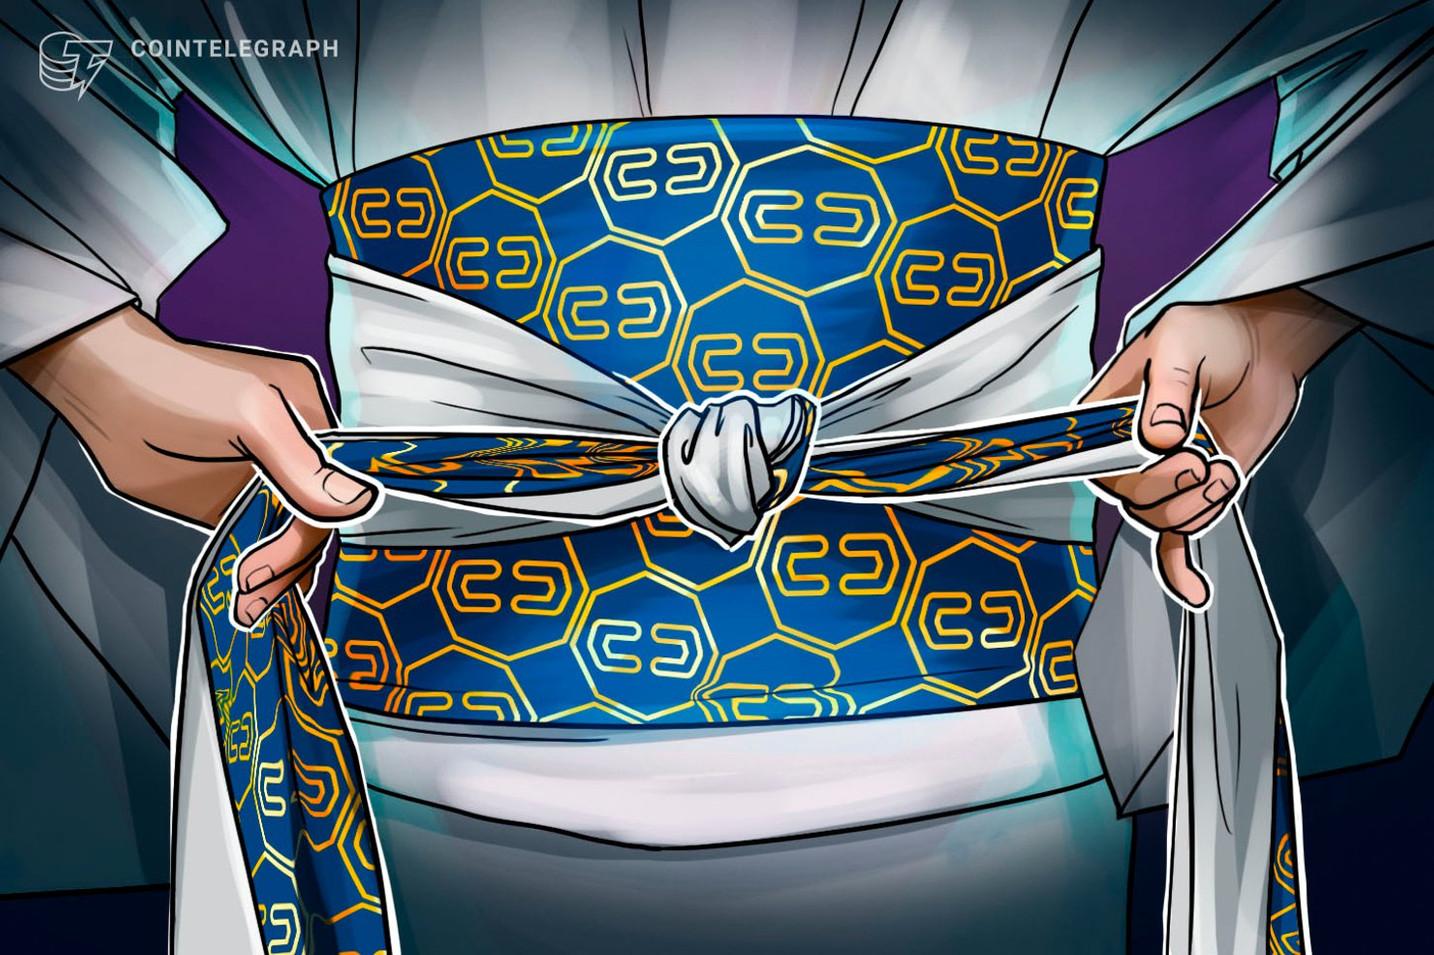 仮想通貨関連の新たな法律、関係者の反応は? 次の焦点は内閣府令等に【独自】